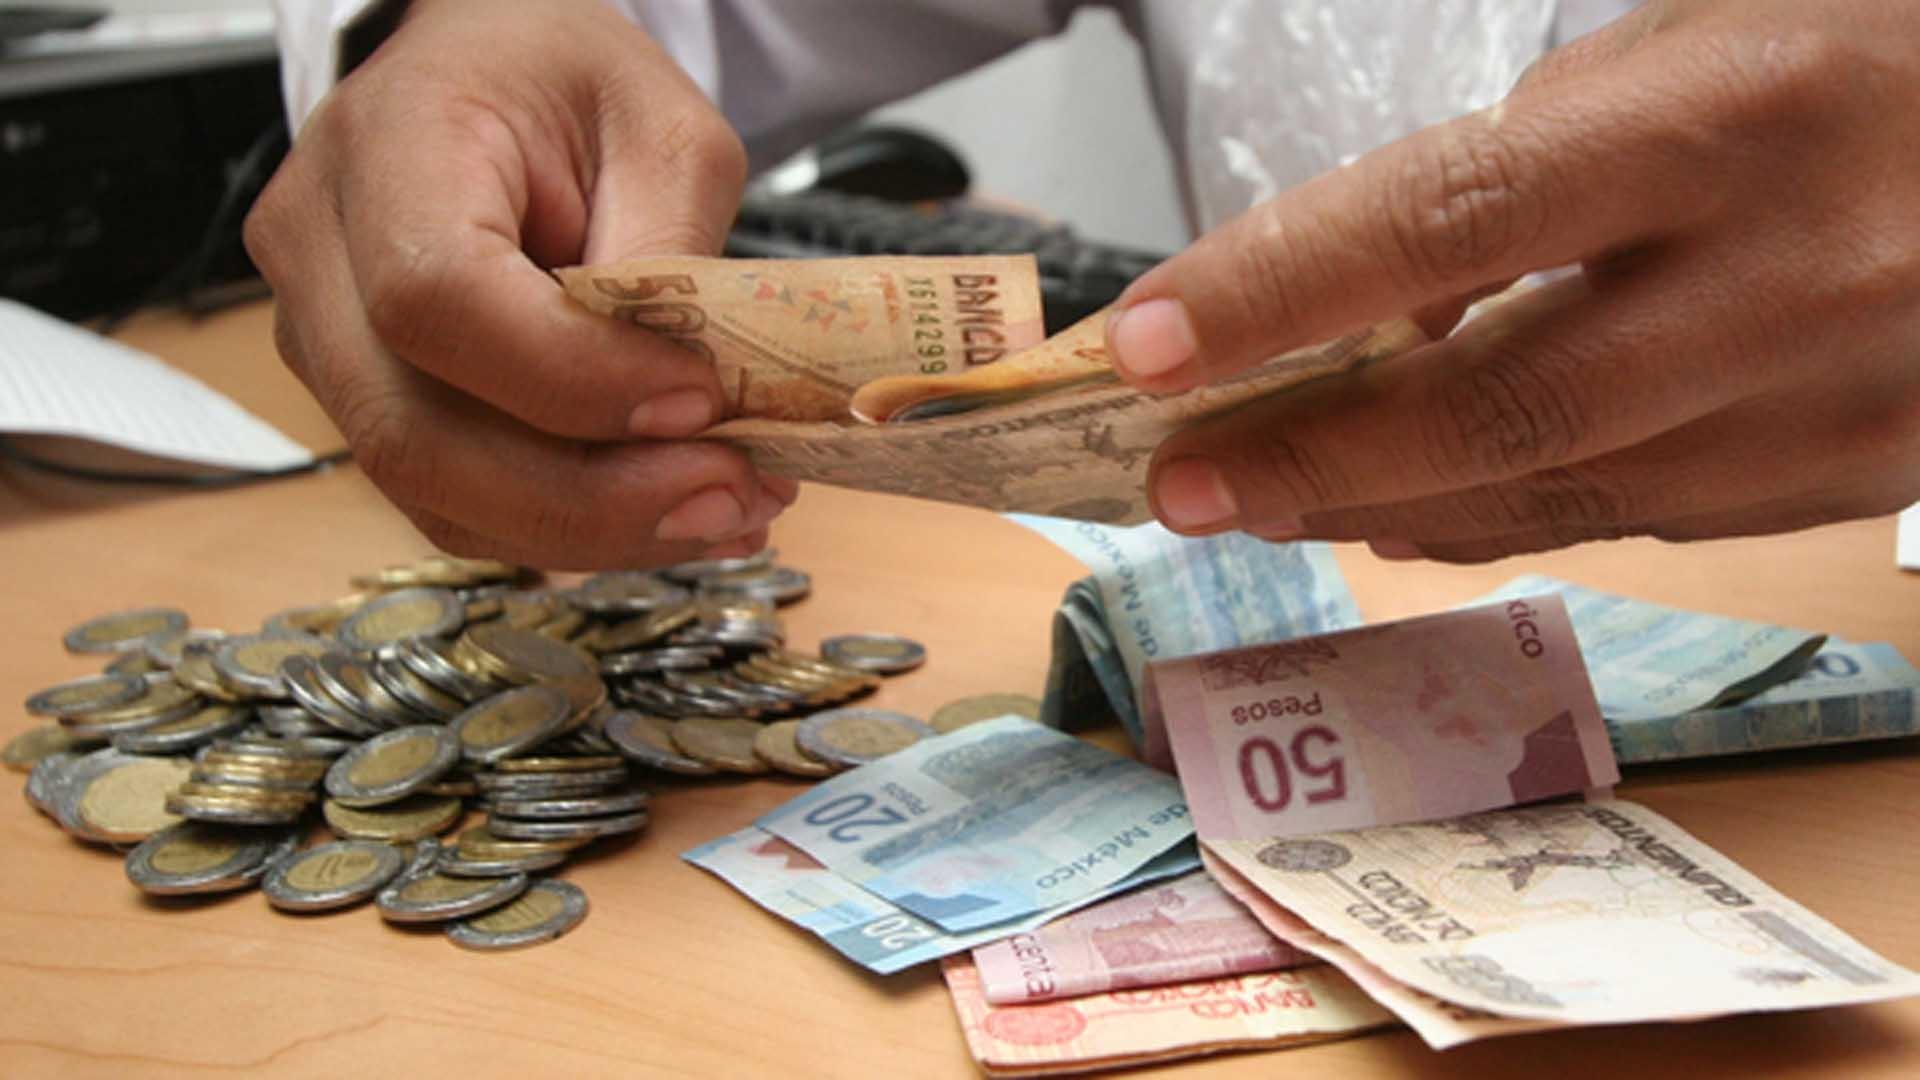 Favorece a 2 millones alza a salario -Reforma